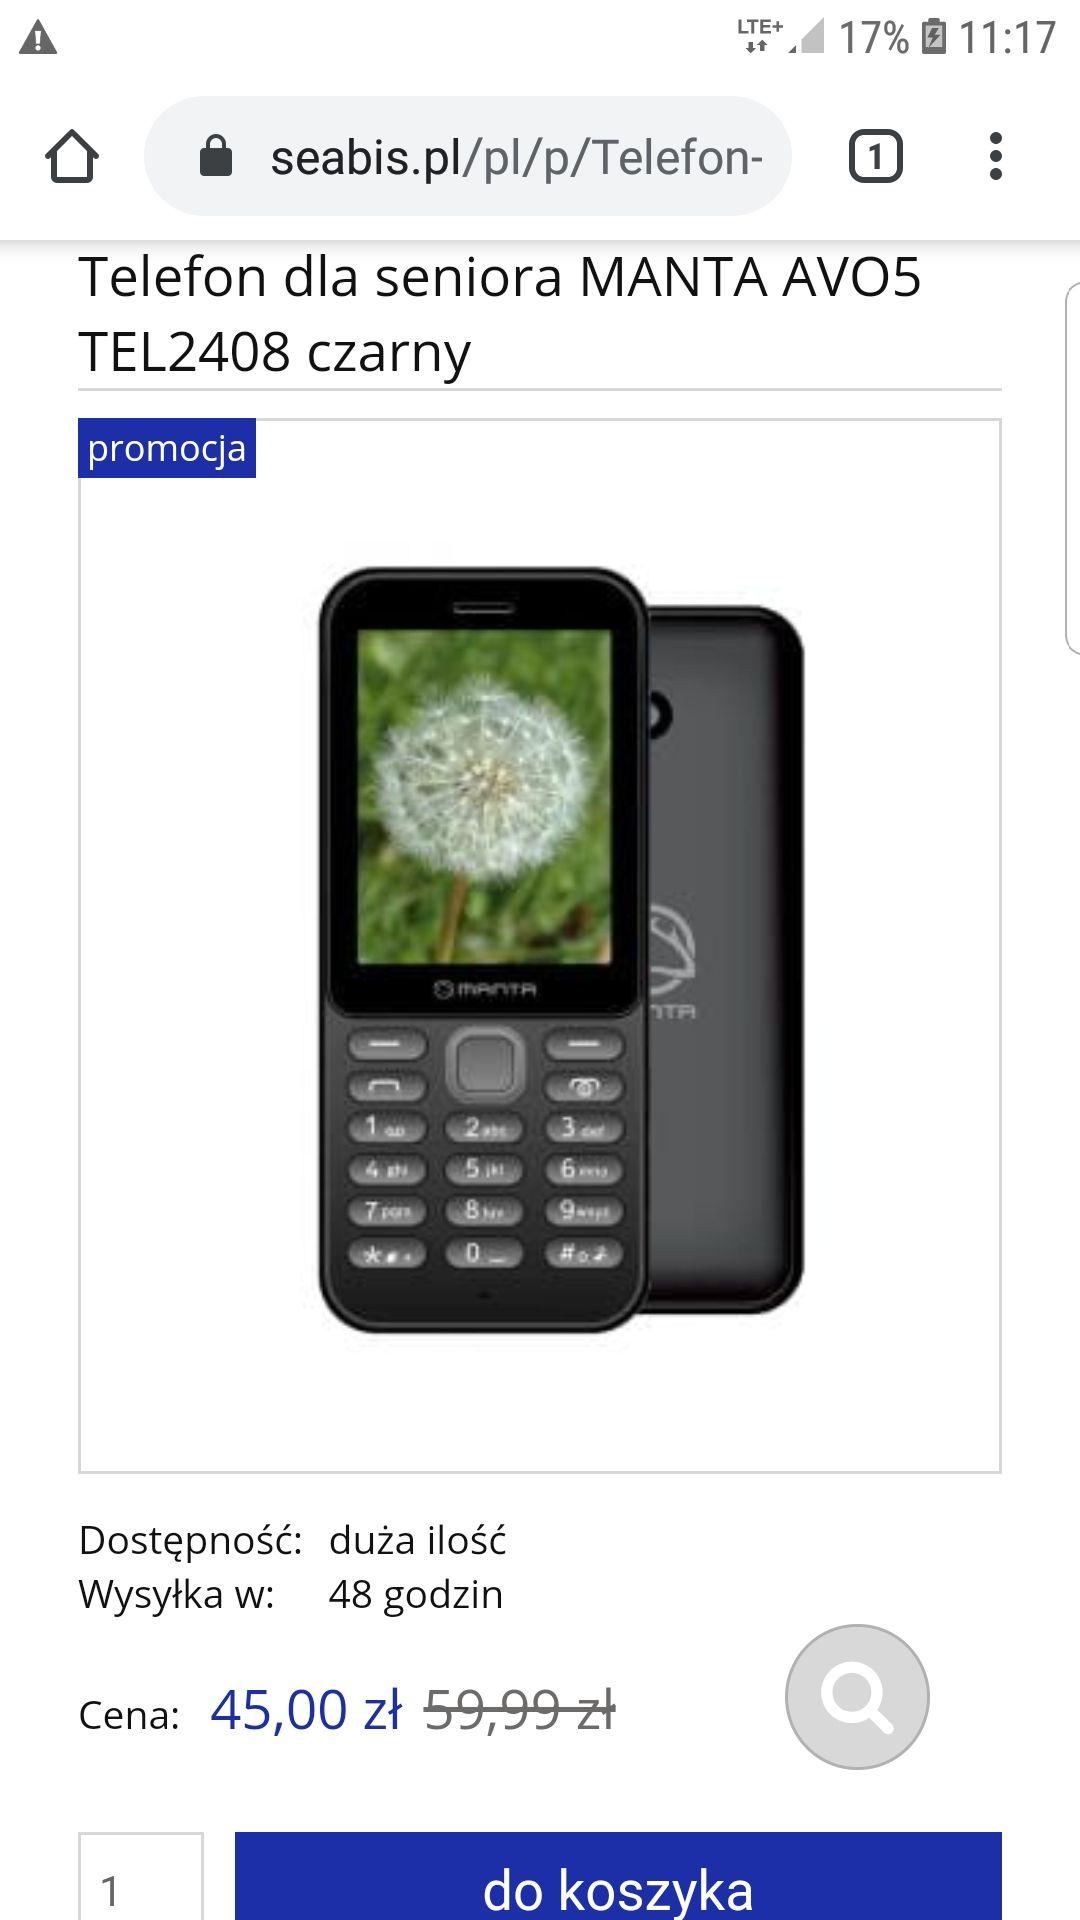 Telefon MANTA AVO5 TEL2408 CZARNY